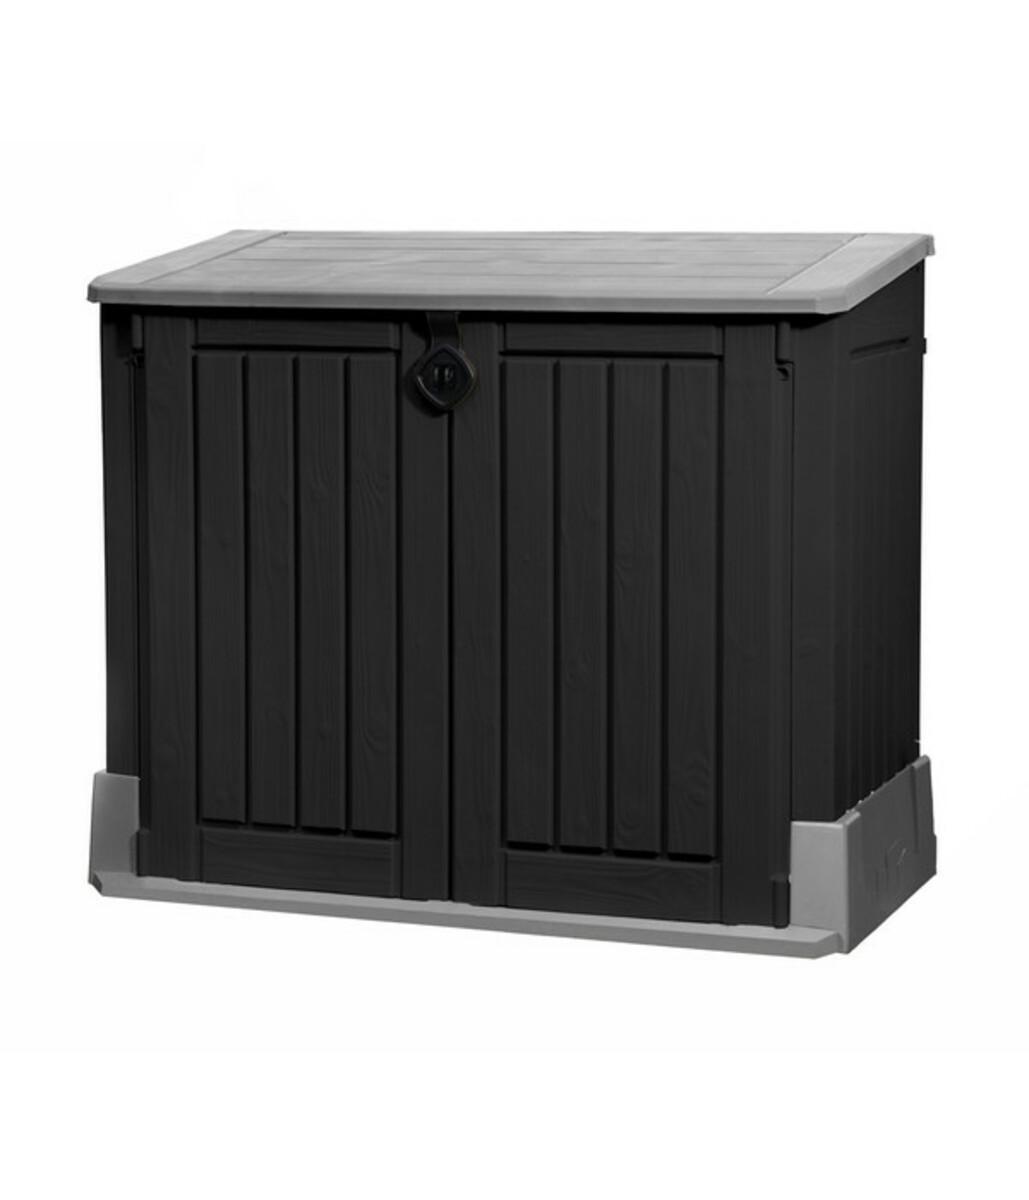 Bild 1 von Keter Aufbewahrungsbox Store It Out Midi 845 Liter